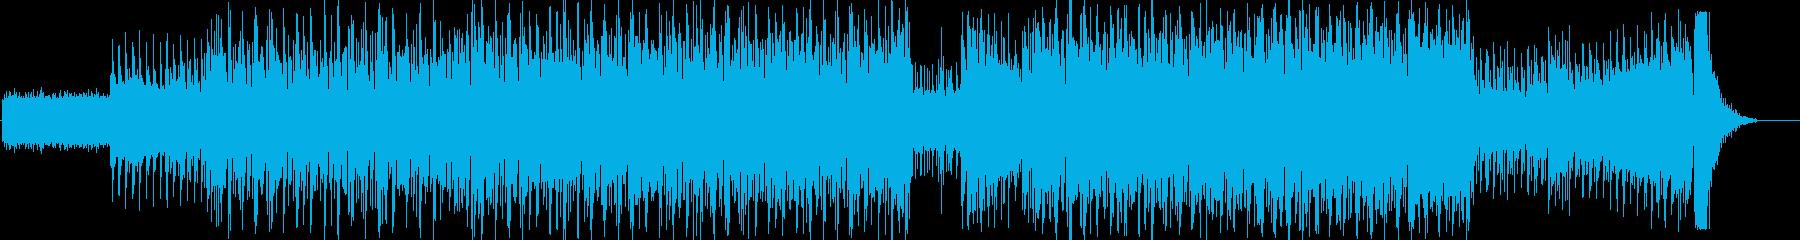 重量感と浮遊感の融合の再生済みの波形